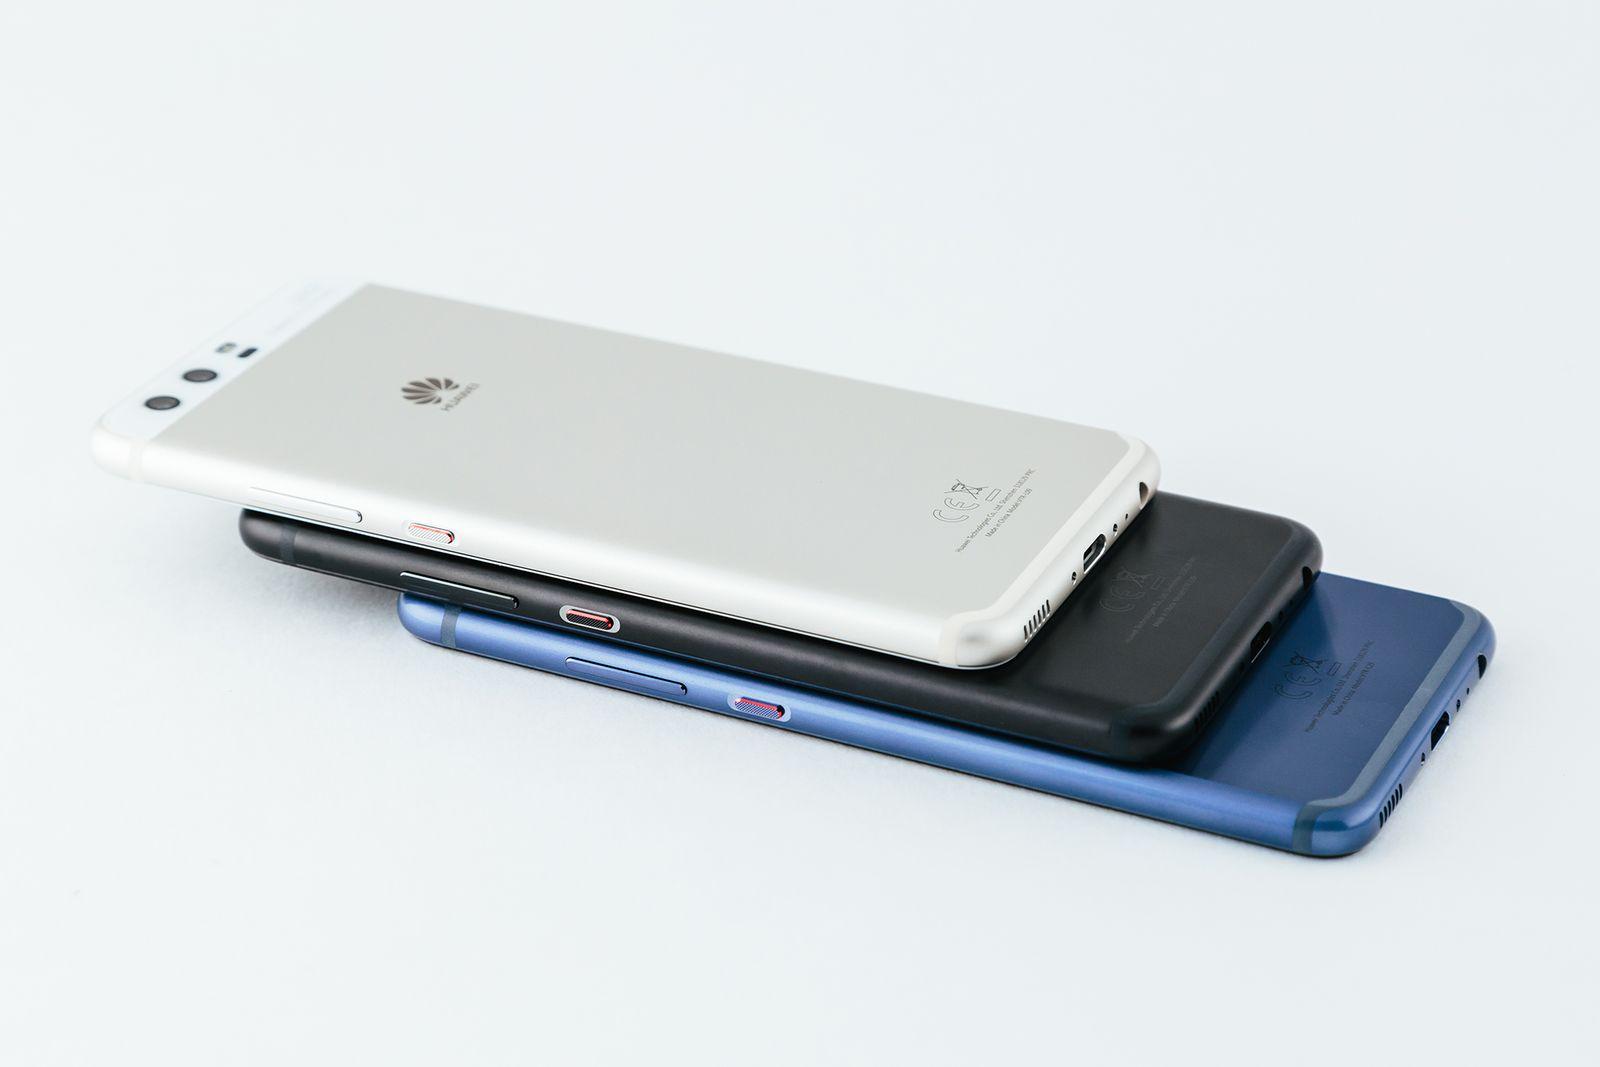 Huawei P10 và P10 Plus chính thức - camera kép Leica, nhiều màu sắc